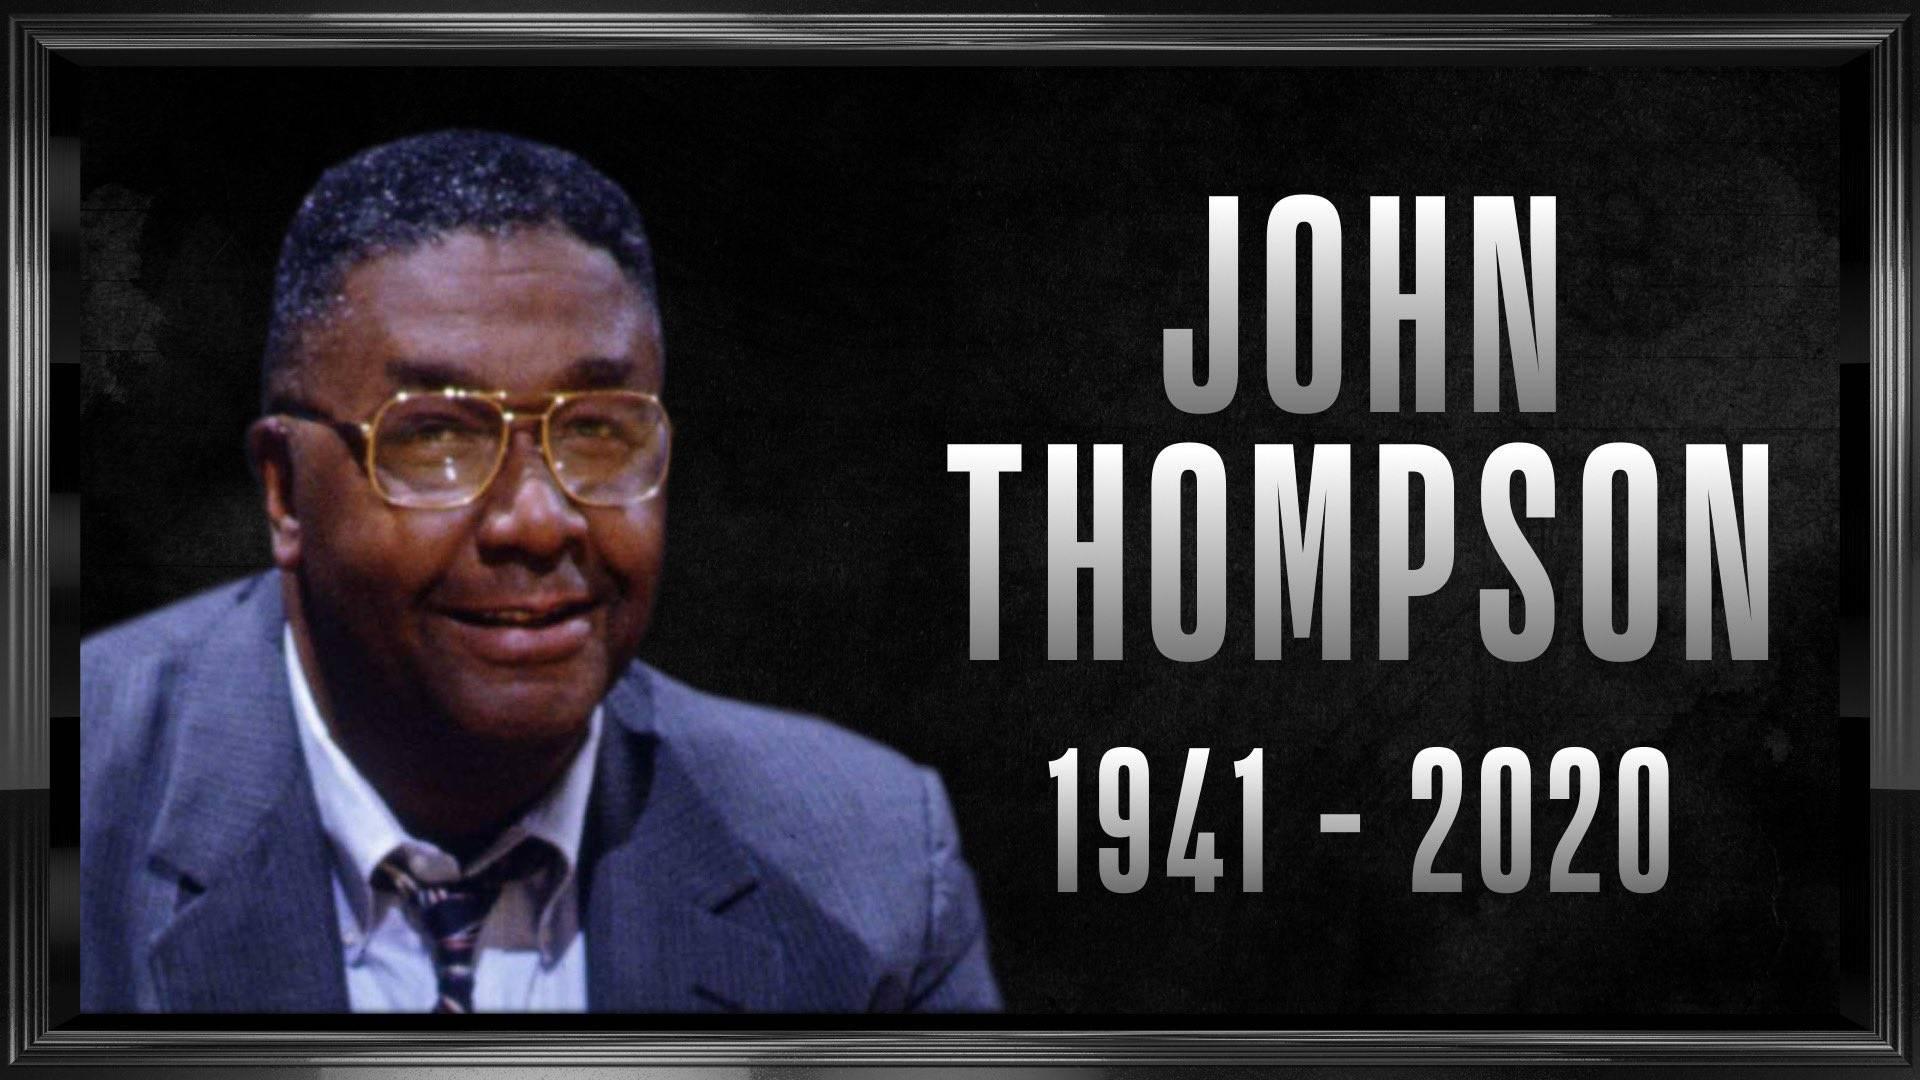 名人堂主帅约翰-汤普森去世 艾弗森发文悼念恩师